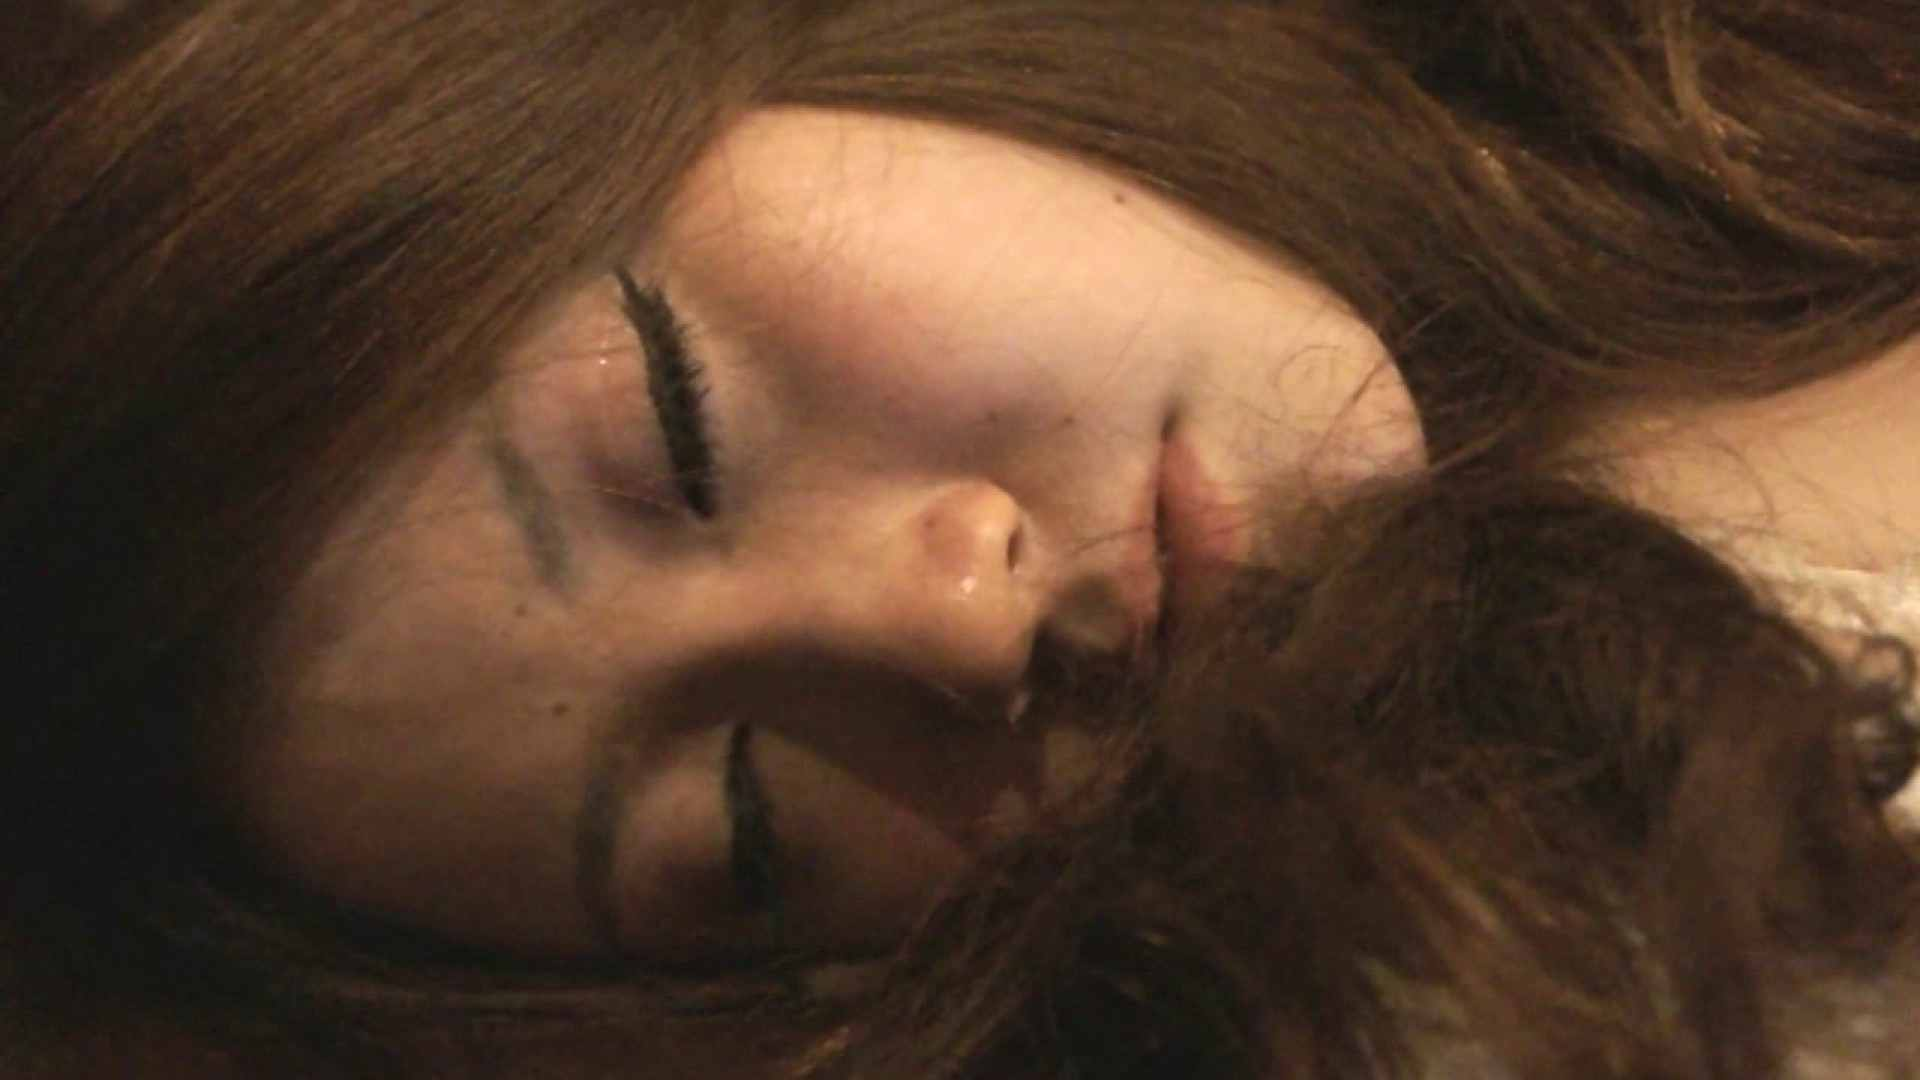 魔術師の お・も・て・な・し vol.10 19歳女子大生にカラオケでイタズラ エロティックなOL  64画像 28